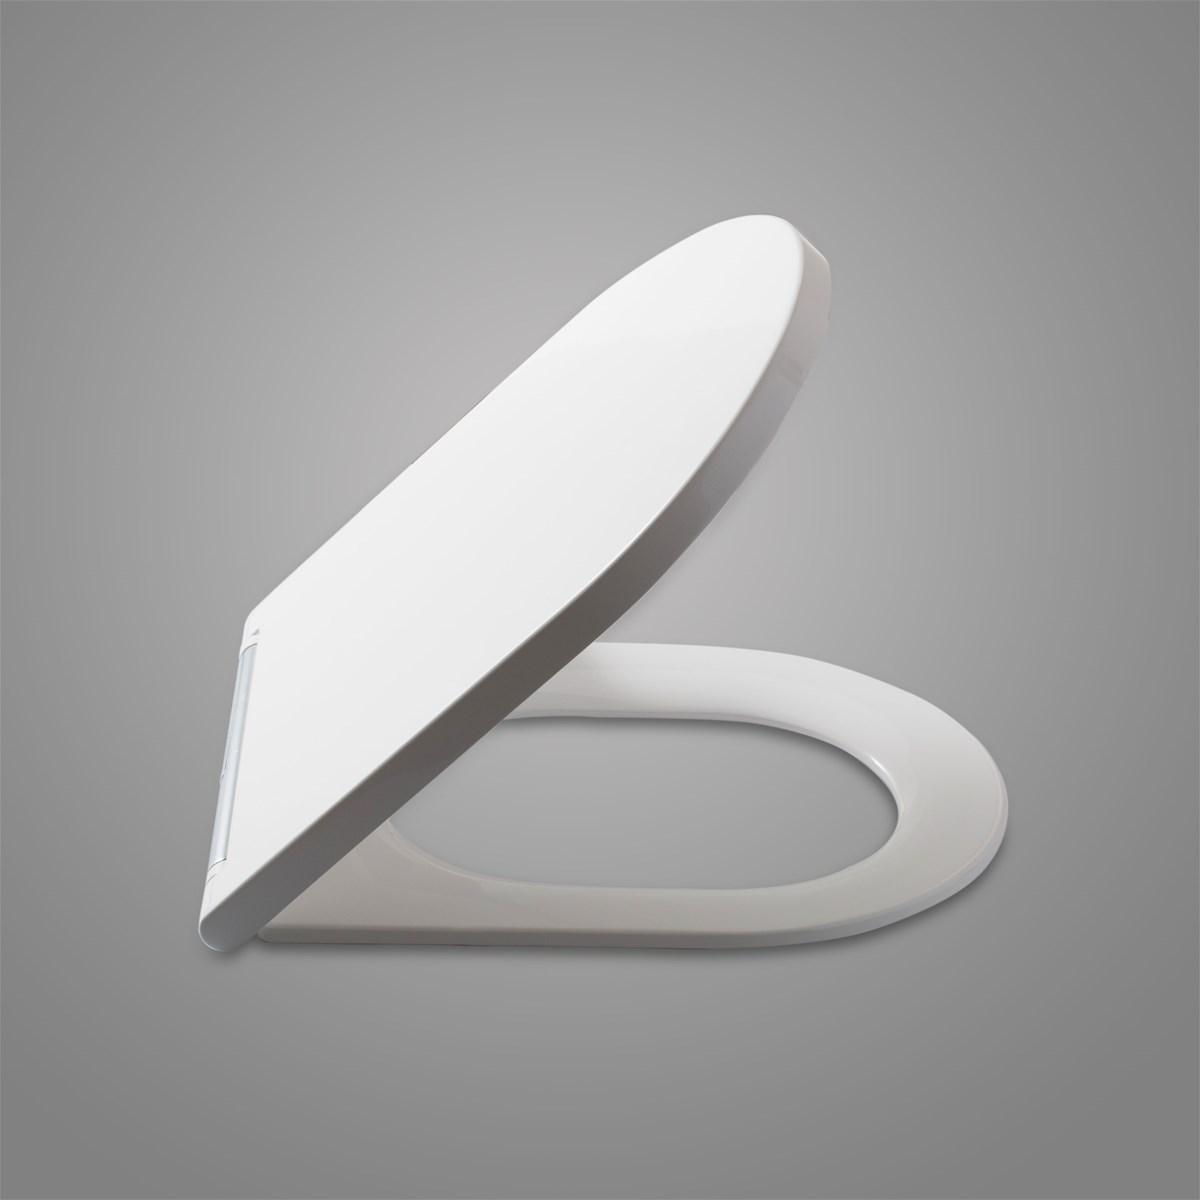 European Standard Ceramic White Toilet Seat Cover China TOILET SEAT SLIM TO